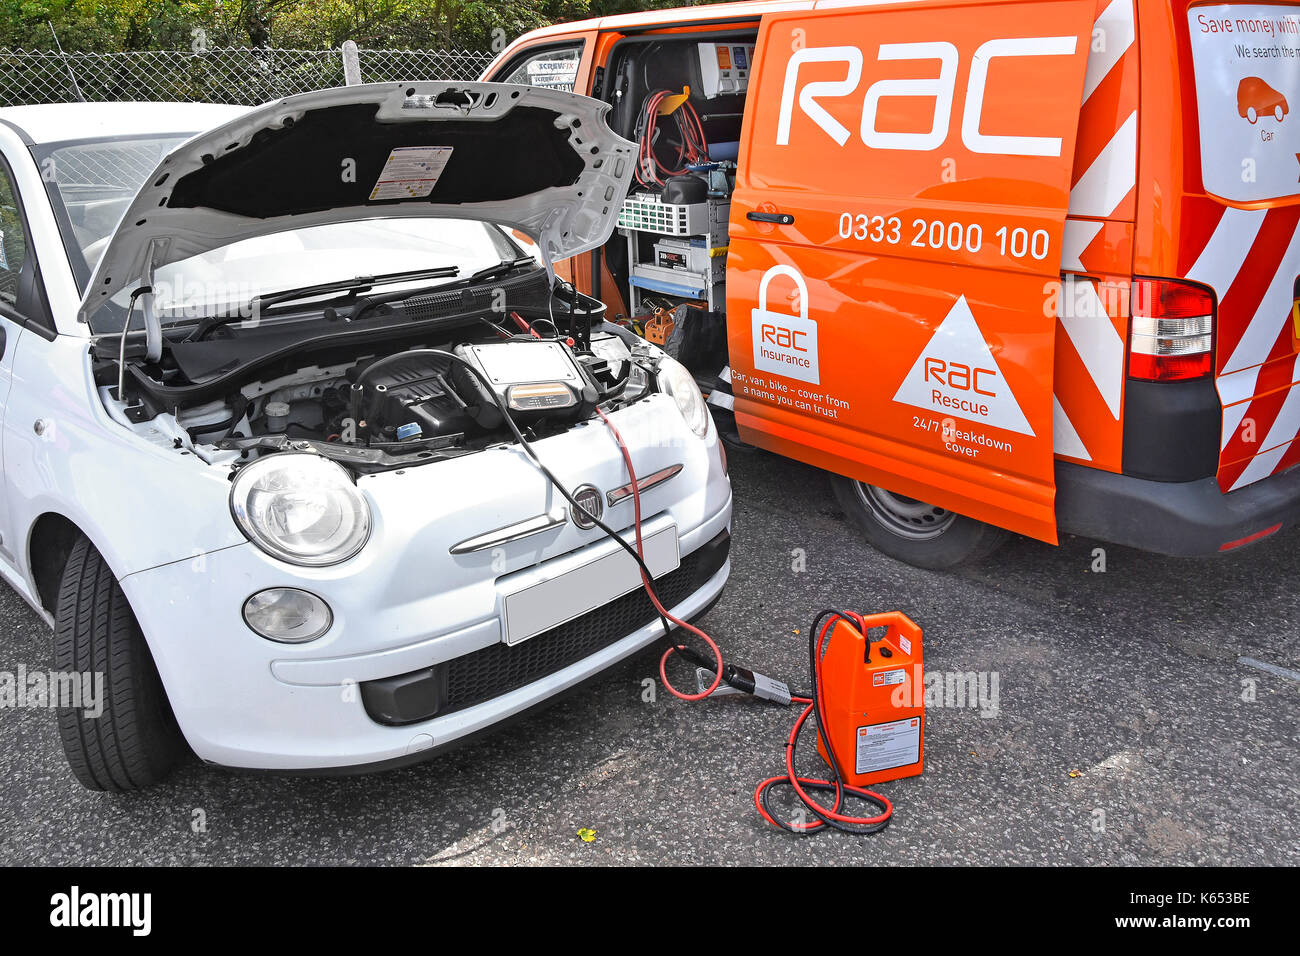 Close up ventilation RAC van présents à défaut de traçage ventilées de diagnostic automobile Fiat matériel informatique connecté directement à voiture par mécanicien RAC Photo Stock